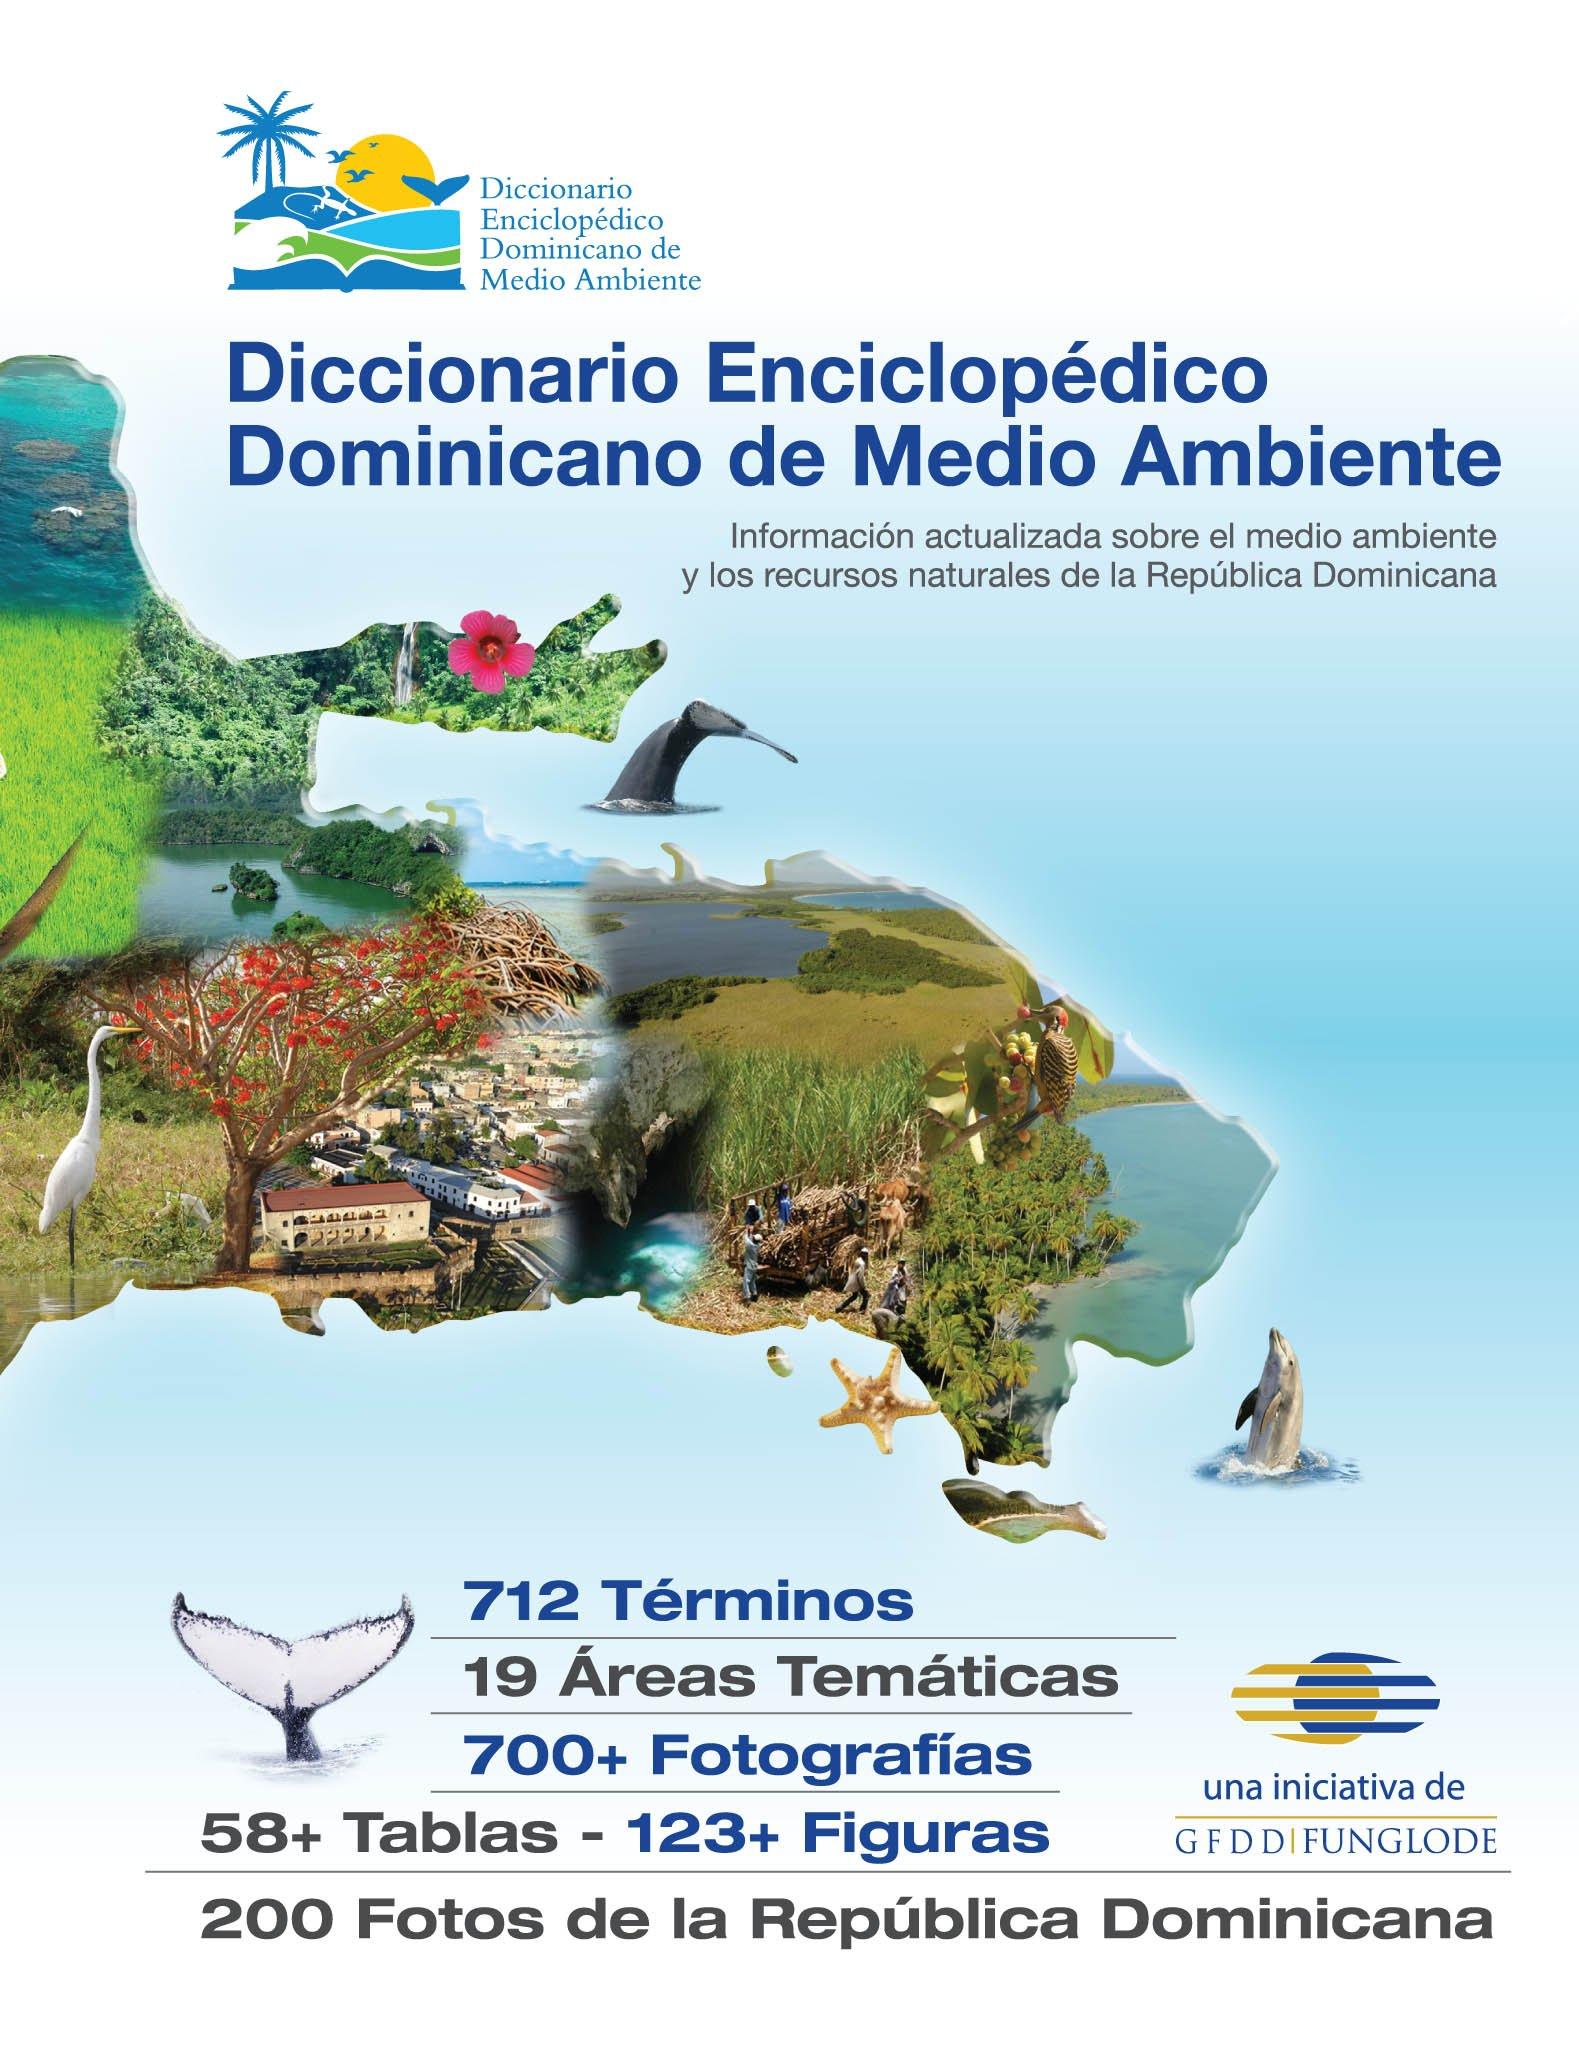 Diccionario Enciclopédico Dominicano de Medio Ambiente: Natasha Despotovic, Miryam López, Alexandra Tabar, Maria Montas, Anne Casalé, Emy Rodriguez: ...